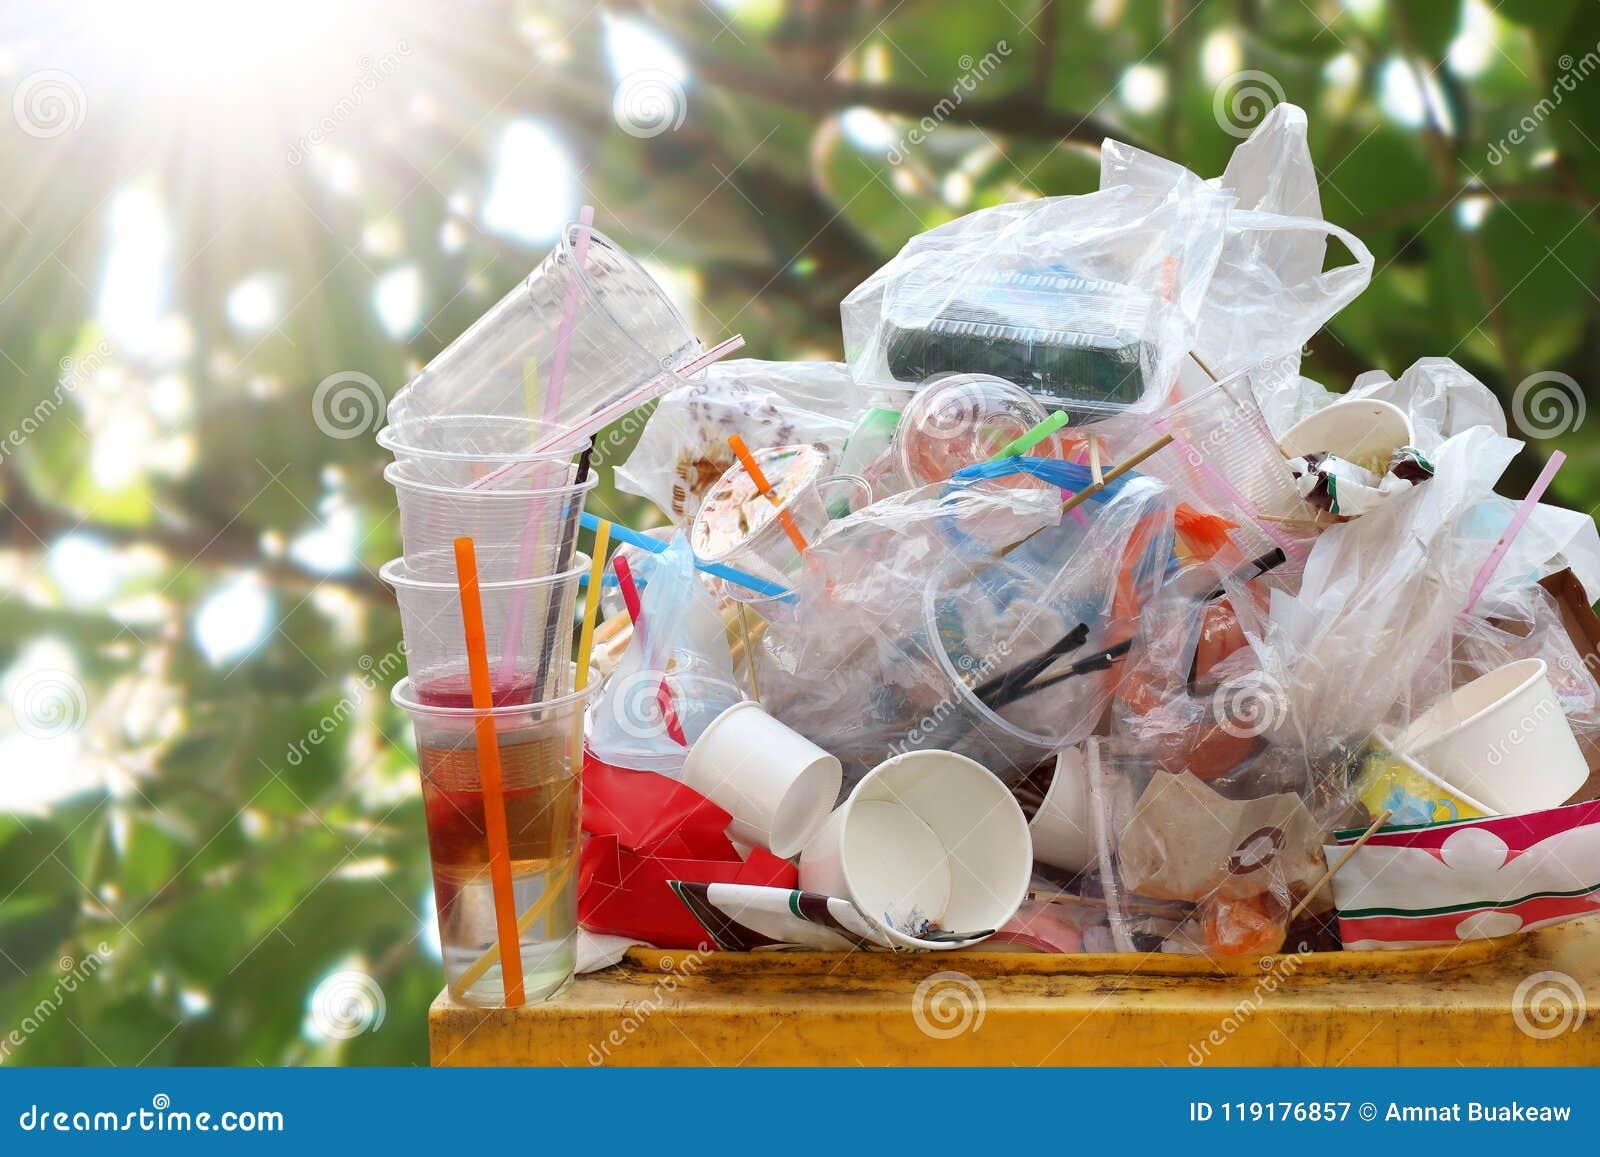 Afval plastic hoop bij bak, het afvalhuisvuil van de Afval volledig bak, Veel van het Plastic zakafval troep op de zonneschijnach